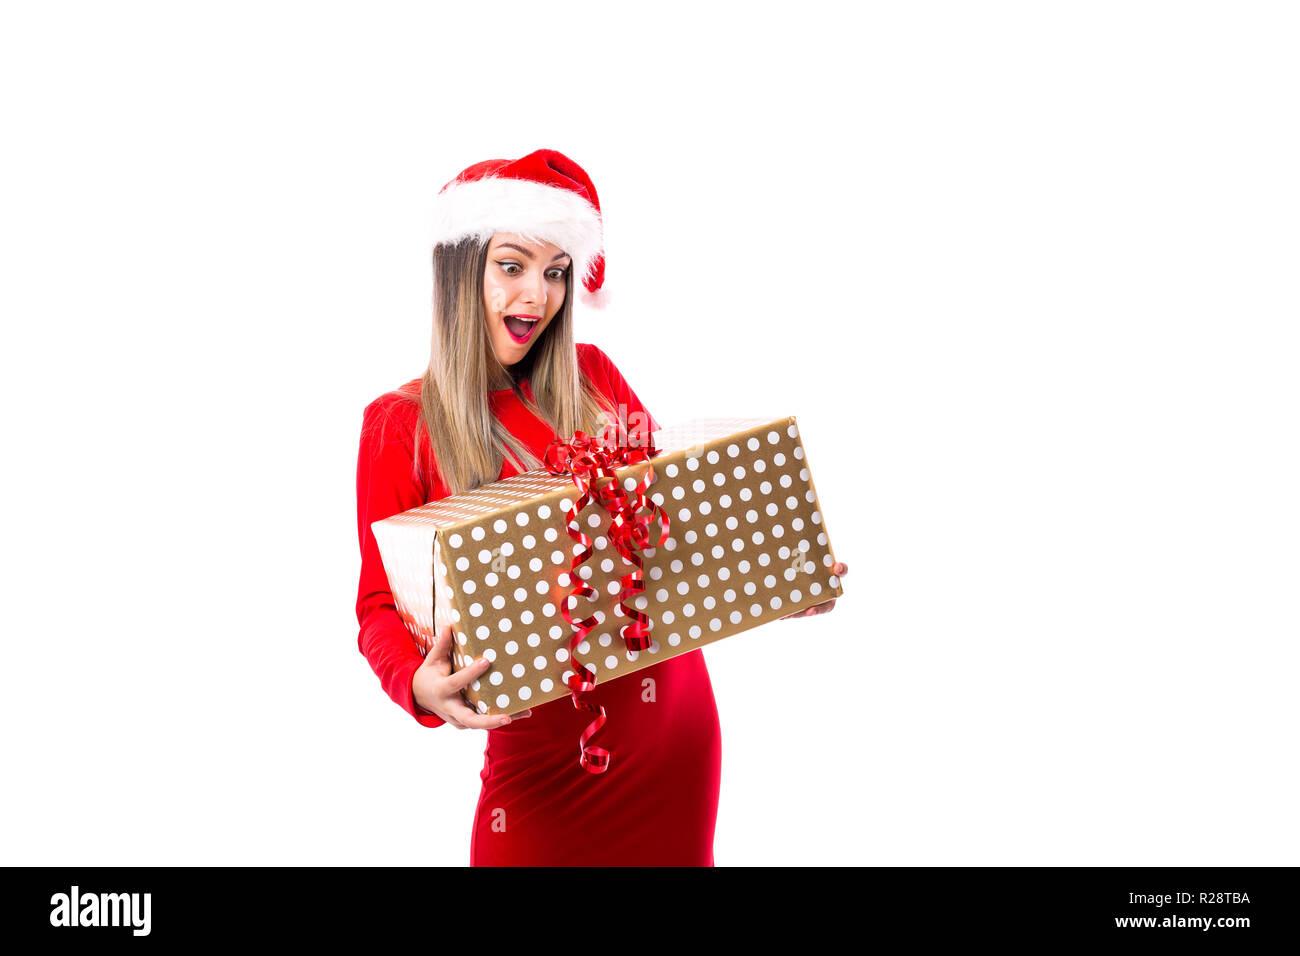 Junge Frau eine große Zeit über weiße Holding aufgeregt. Der Weihnachtszeit. Stockfoto